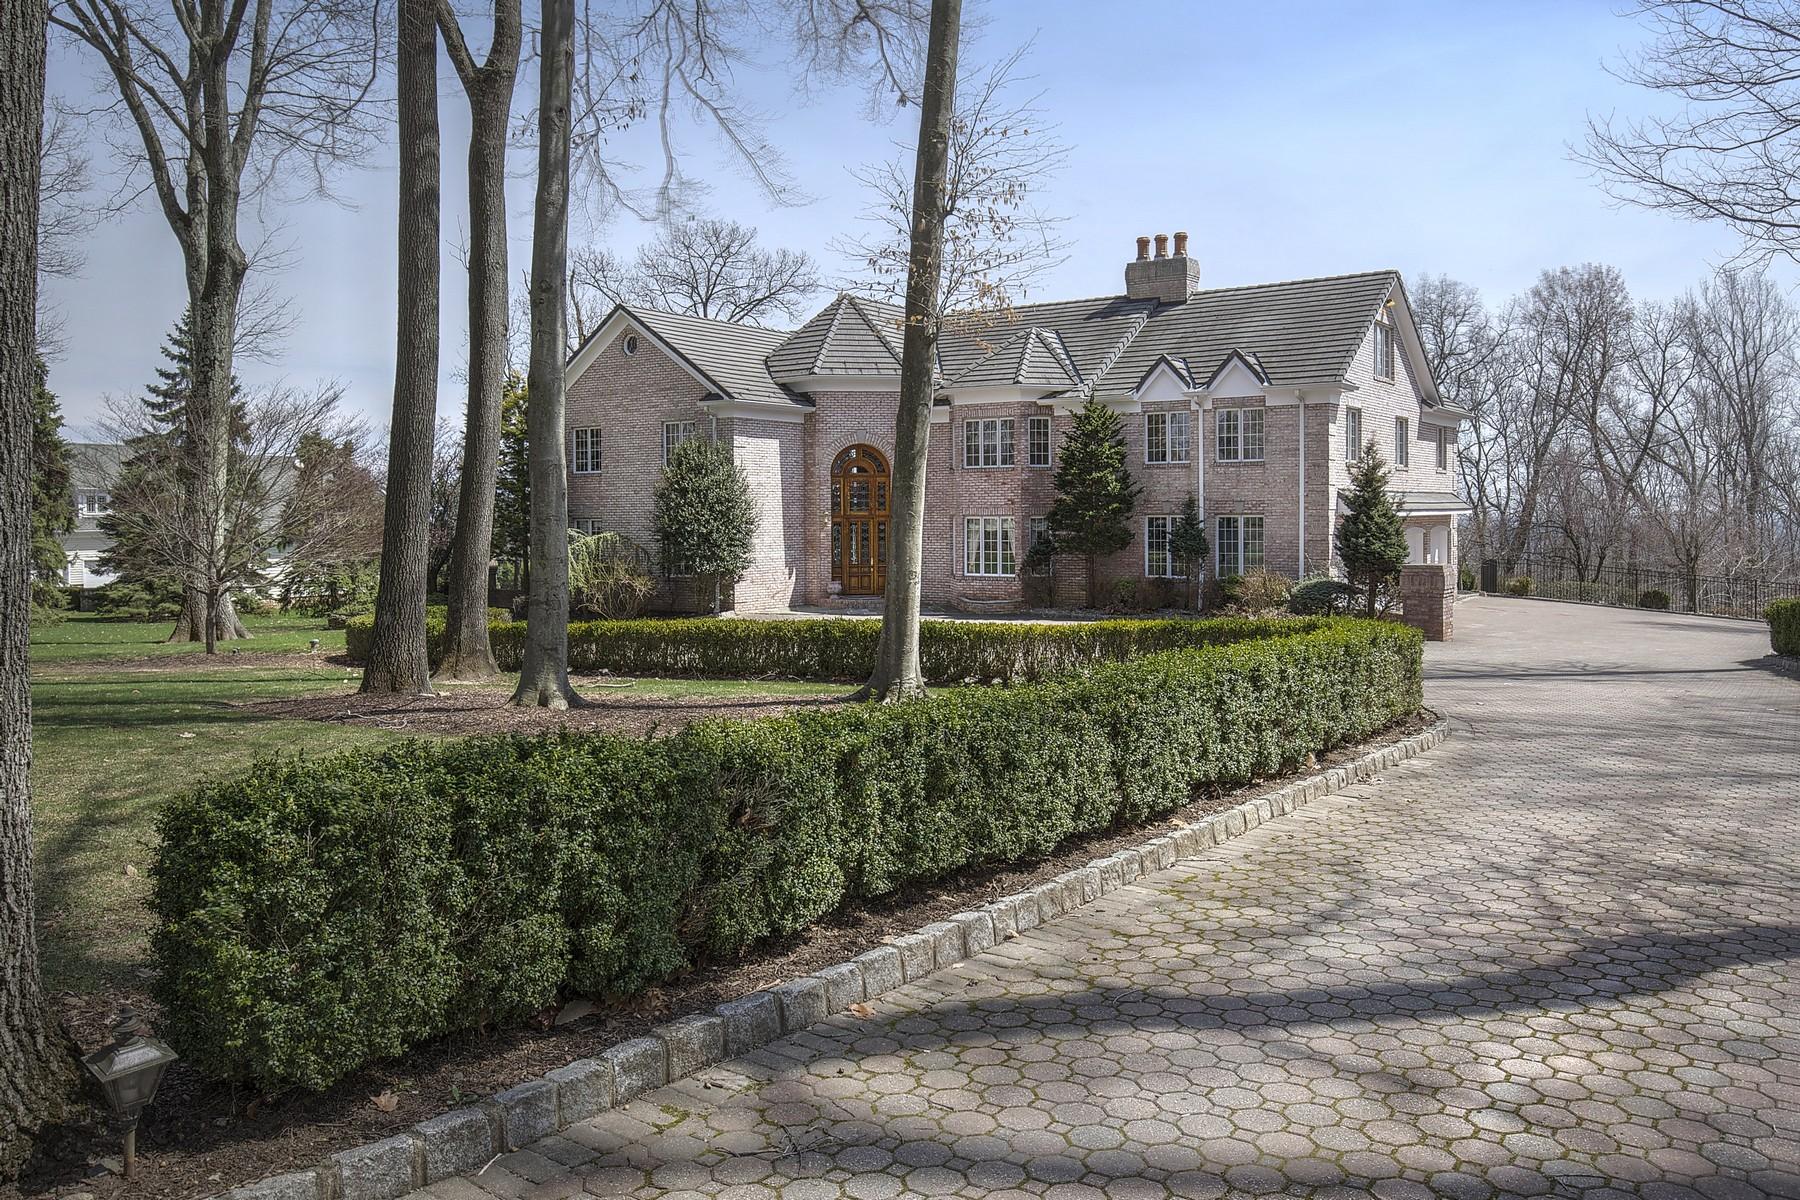 Casa Unifamiliar por un Venta en Laurel Mountain Estate with Views 18 Laurel Mountain Way Tewksbury Township, Nueva Jersey, 07830 Estados Unidos